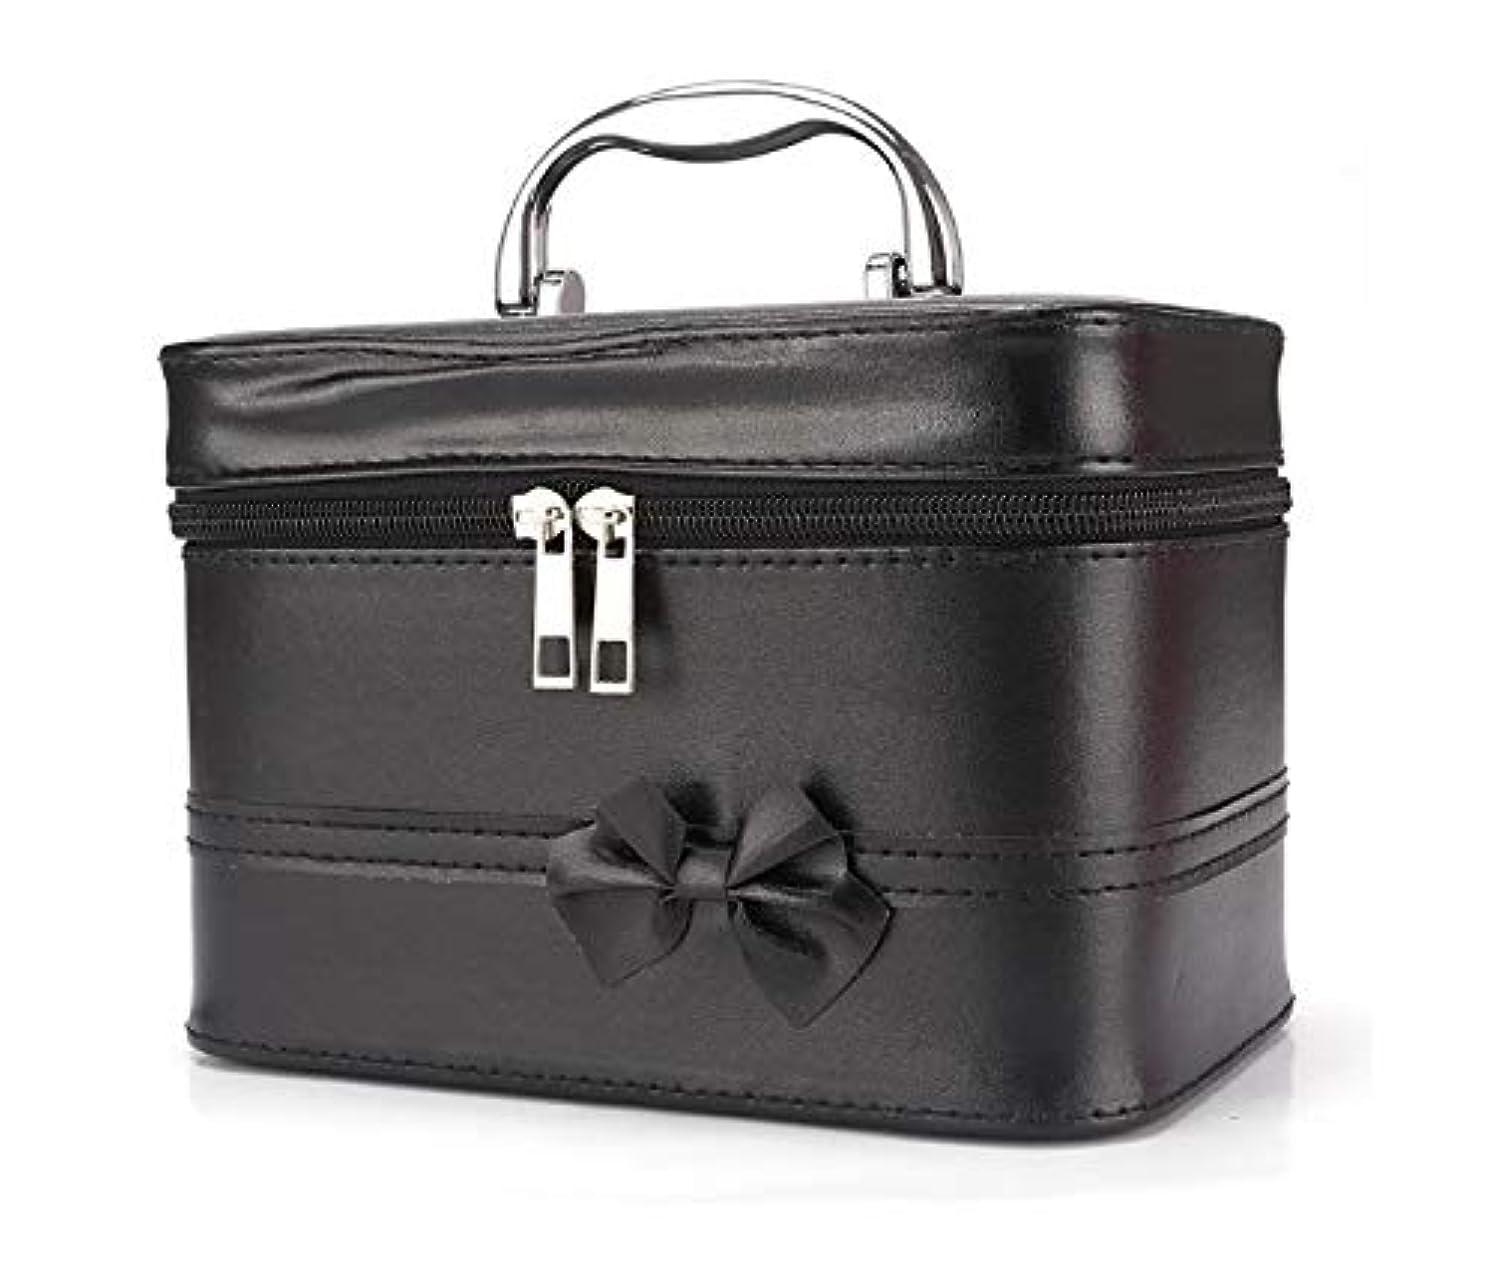 団結するアジア政令化粧箱、弓スクエアポータブル化粧品袋、ポータブルポータブル旅行化粧品ケース、美容ネイルジュエリー収納ボックス (Color : ブラック)